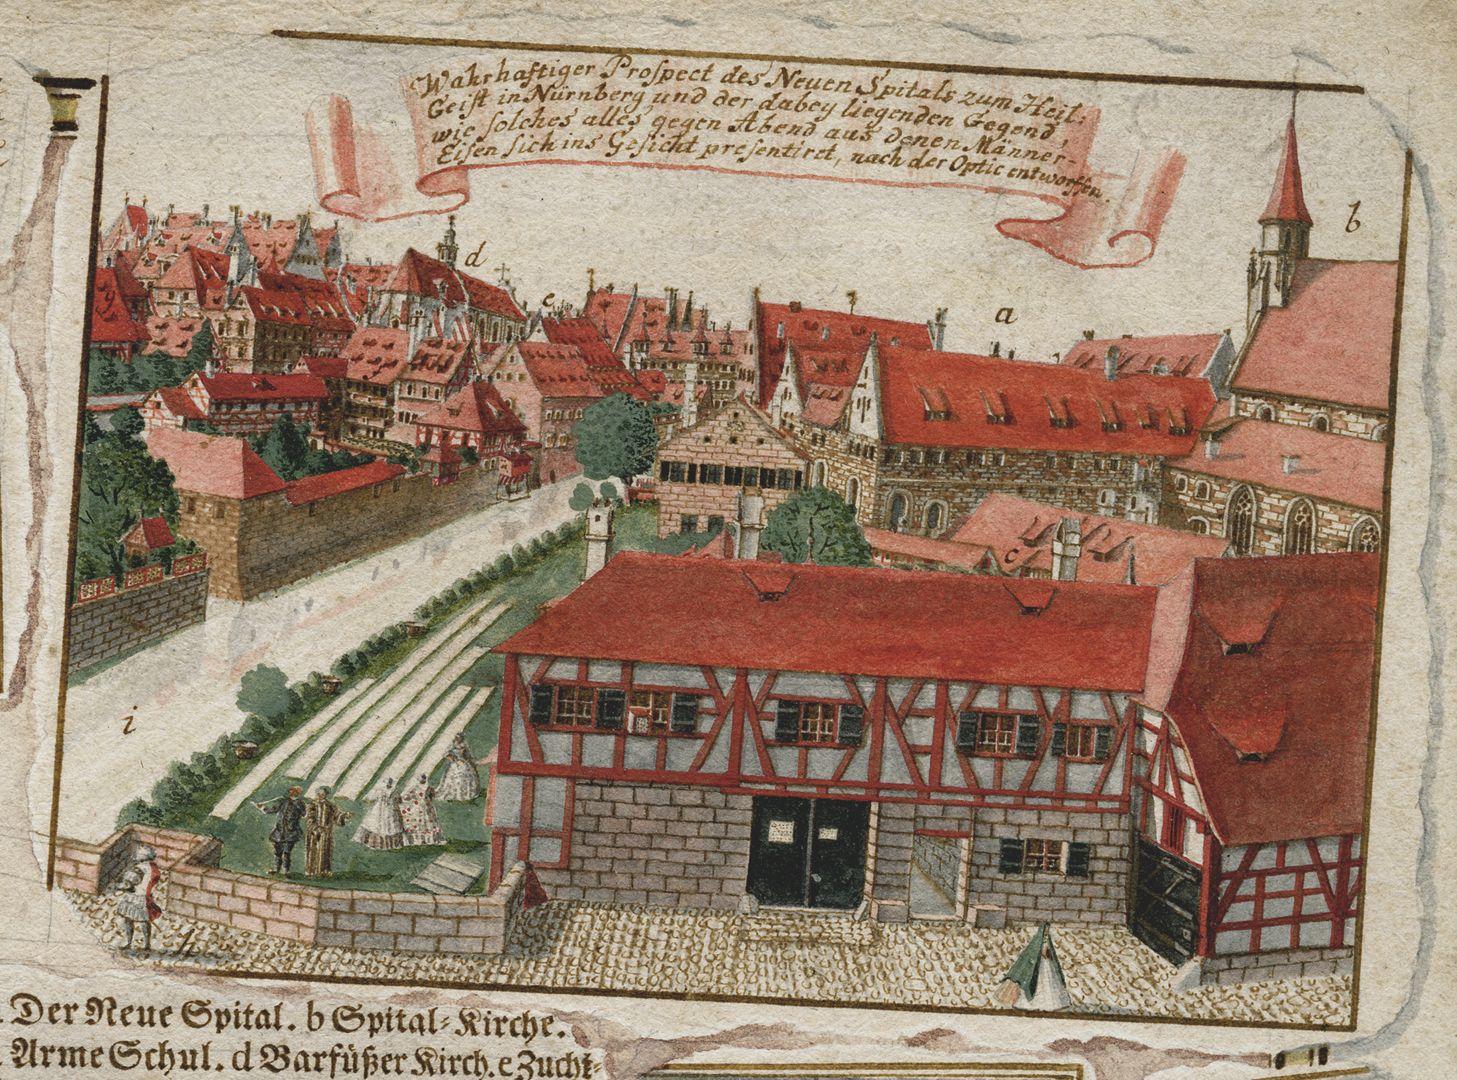 Quodlibet zum Heilig-Geist-Spital rechte obere Blattecke mit der Ansicht des Heilig Geist Spitals, eine Teilkopie seiner eigenen Panoramaansicht